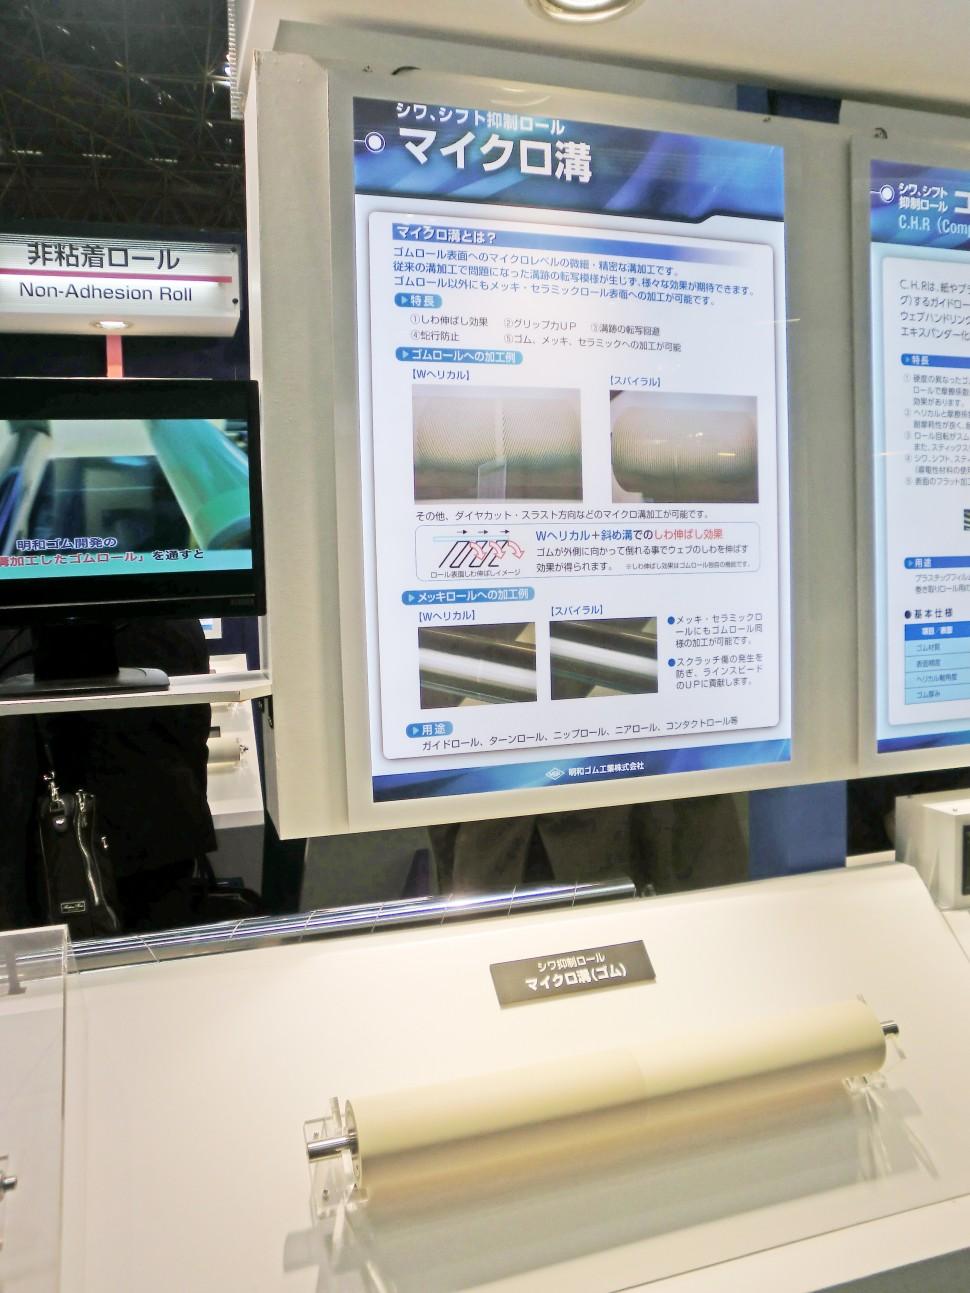 20140707 明和ゴム工業の「シワ取り抑制ゴムロール」マイクロ溝加工